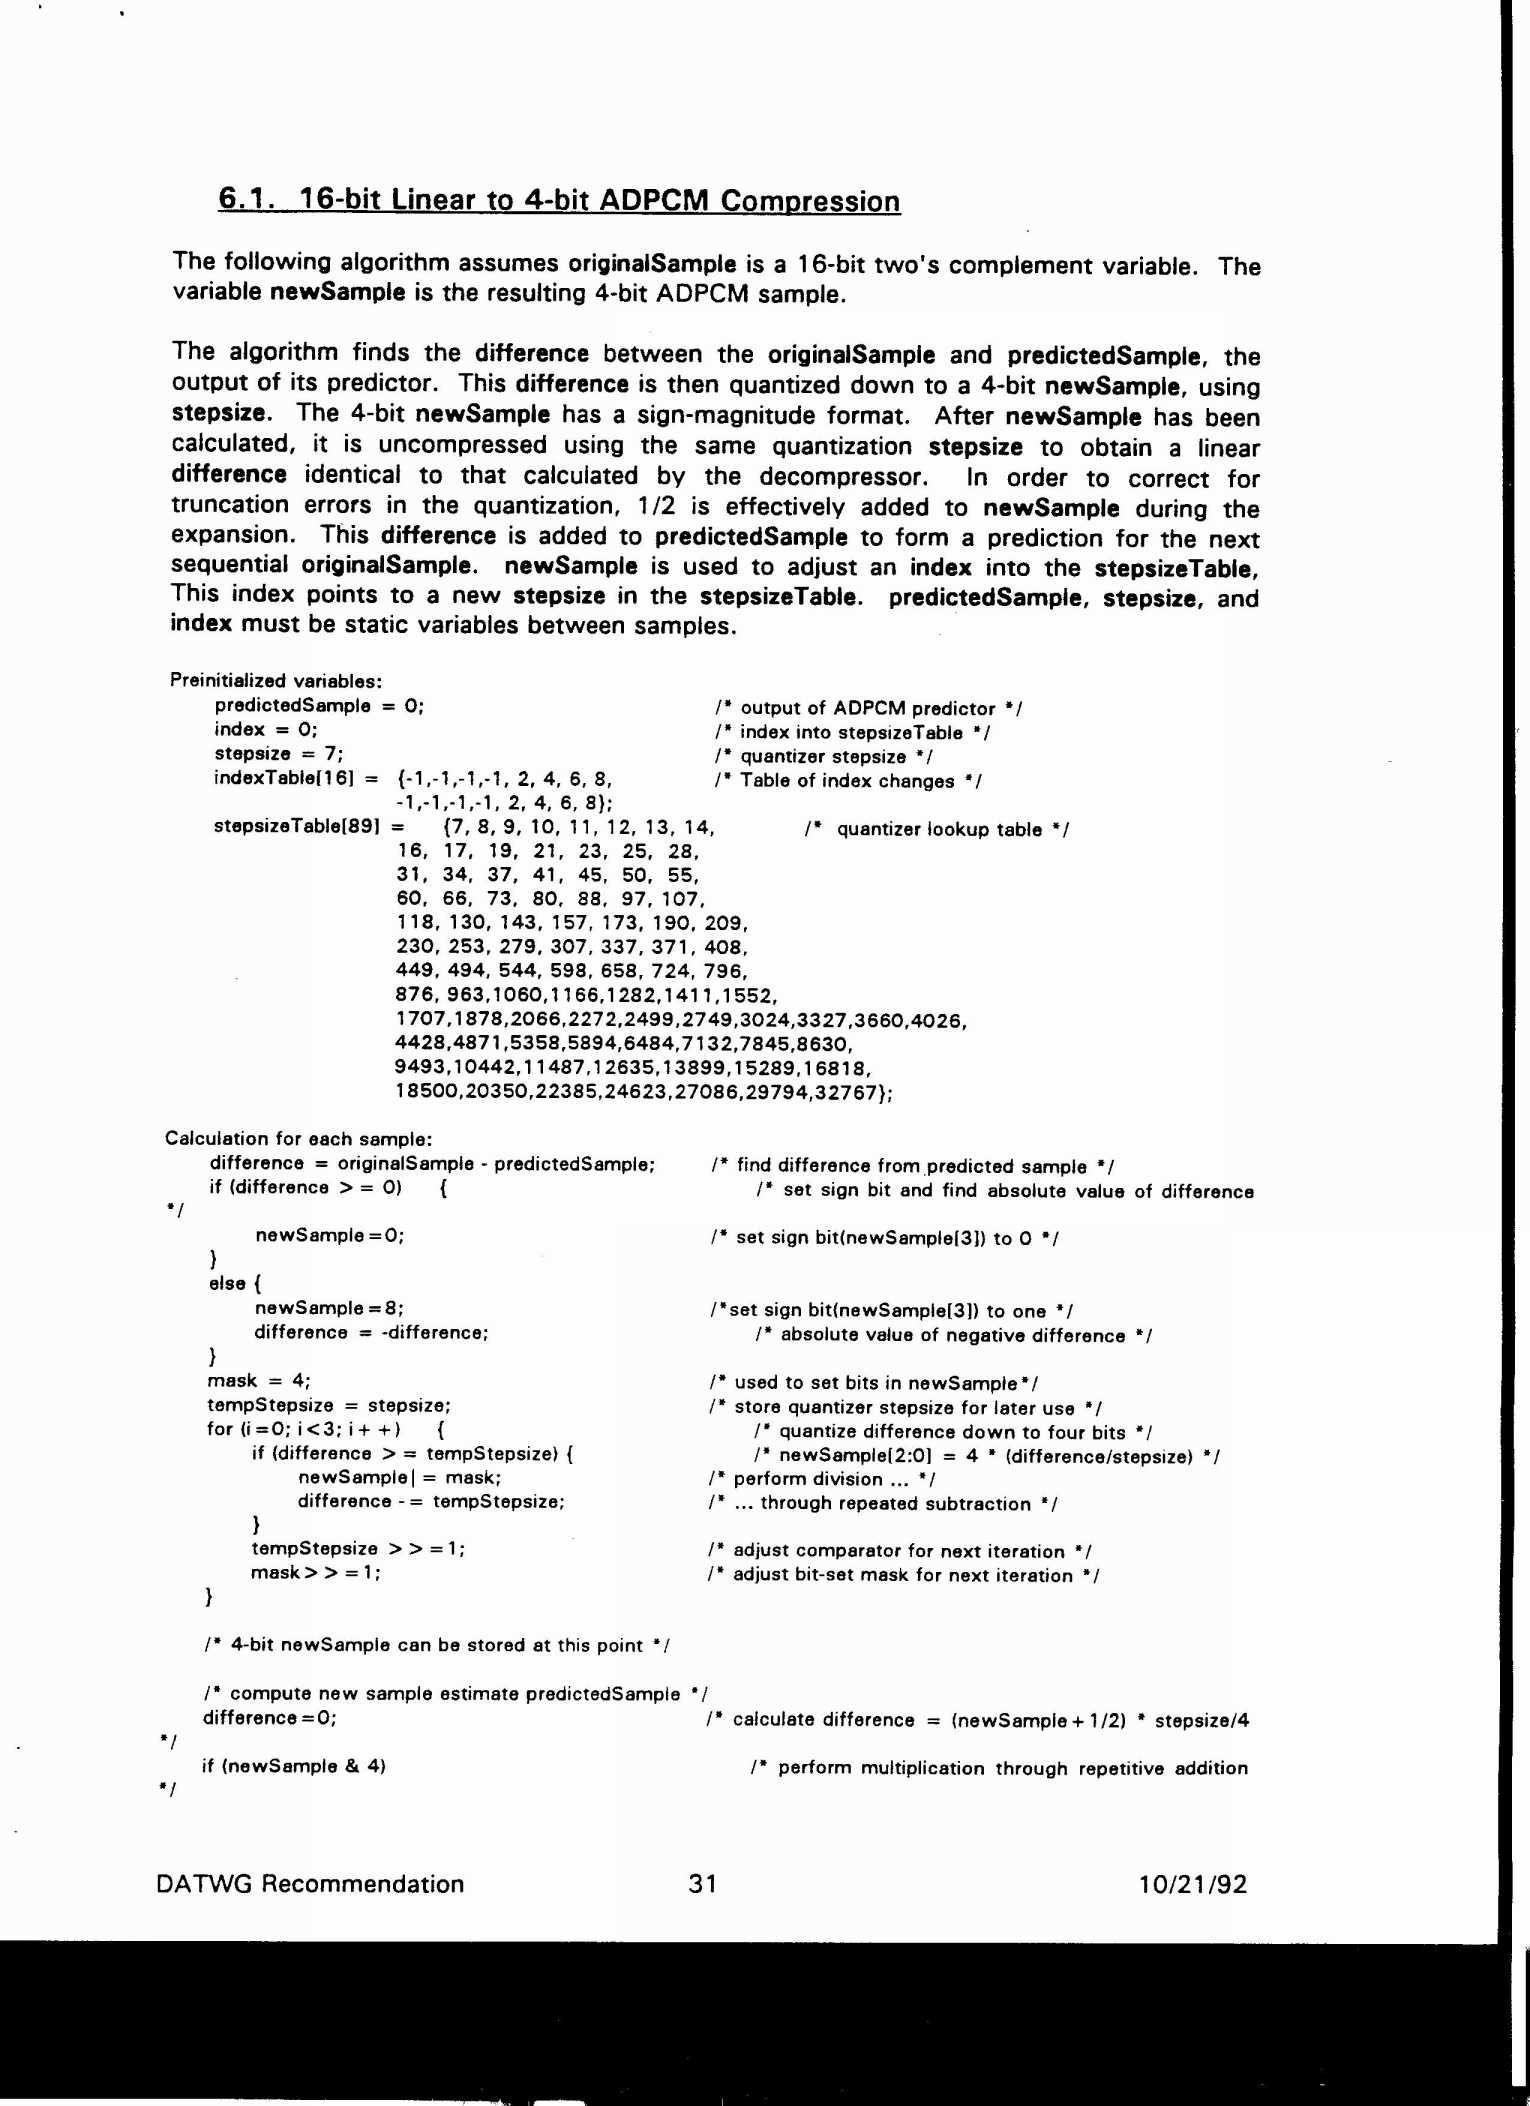 Resume Worksheet Form